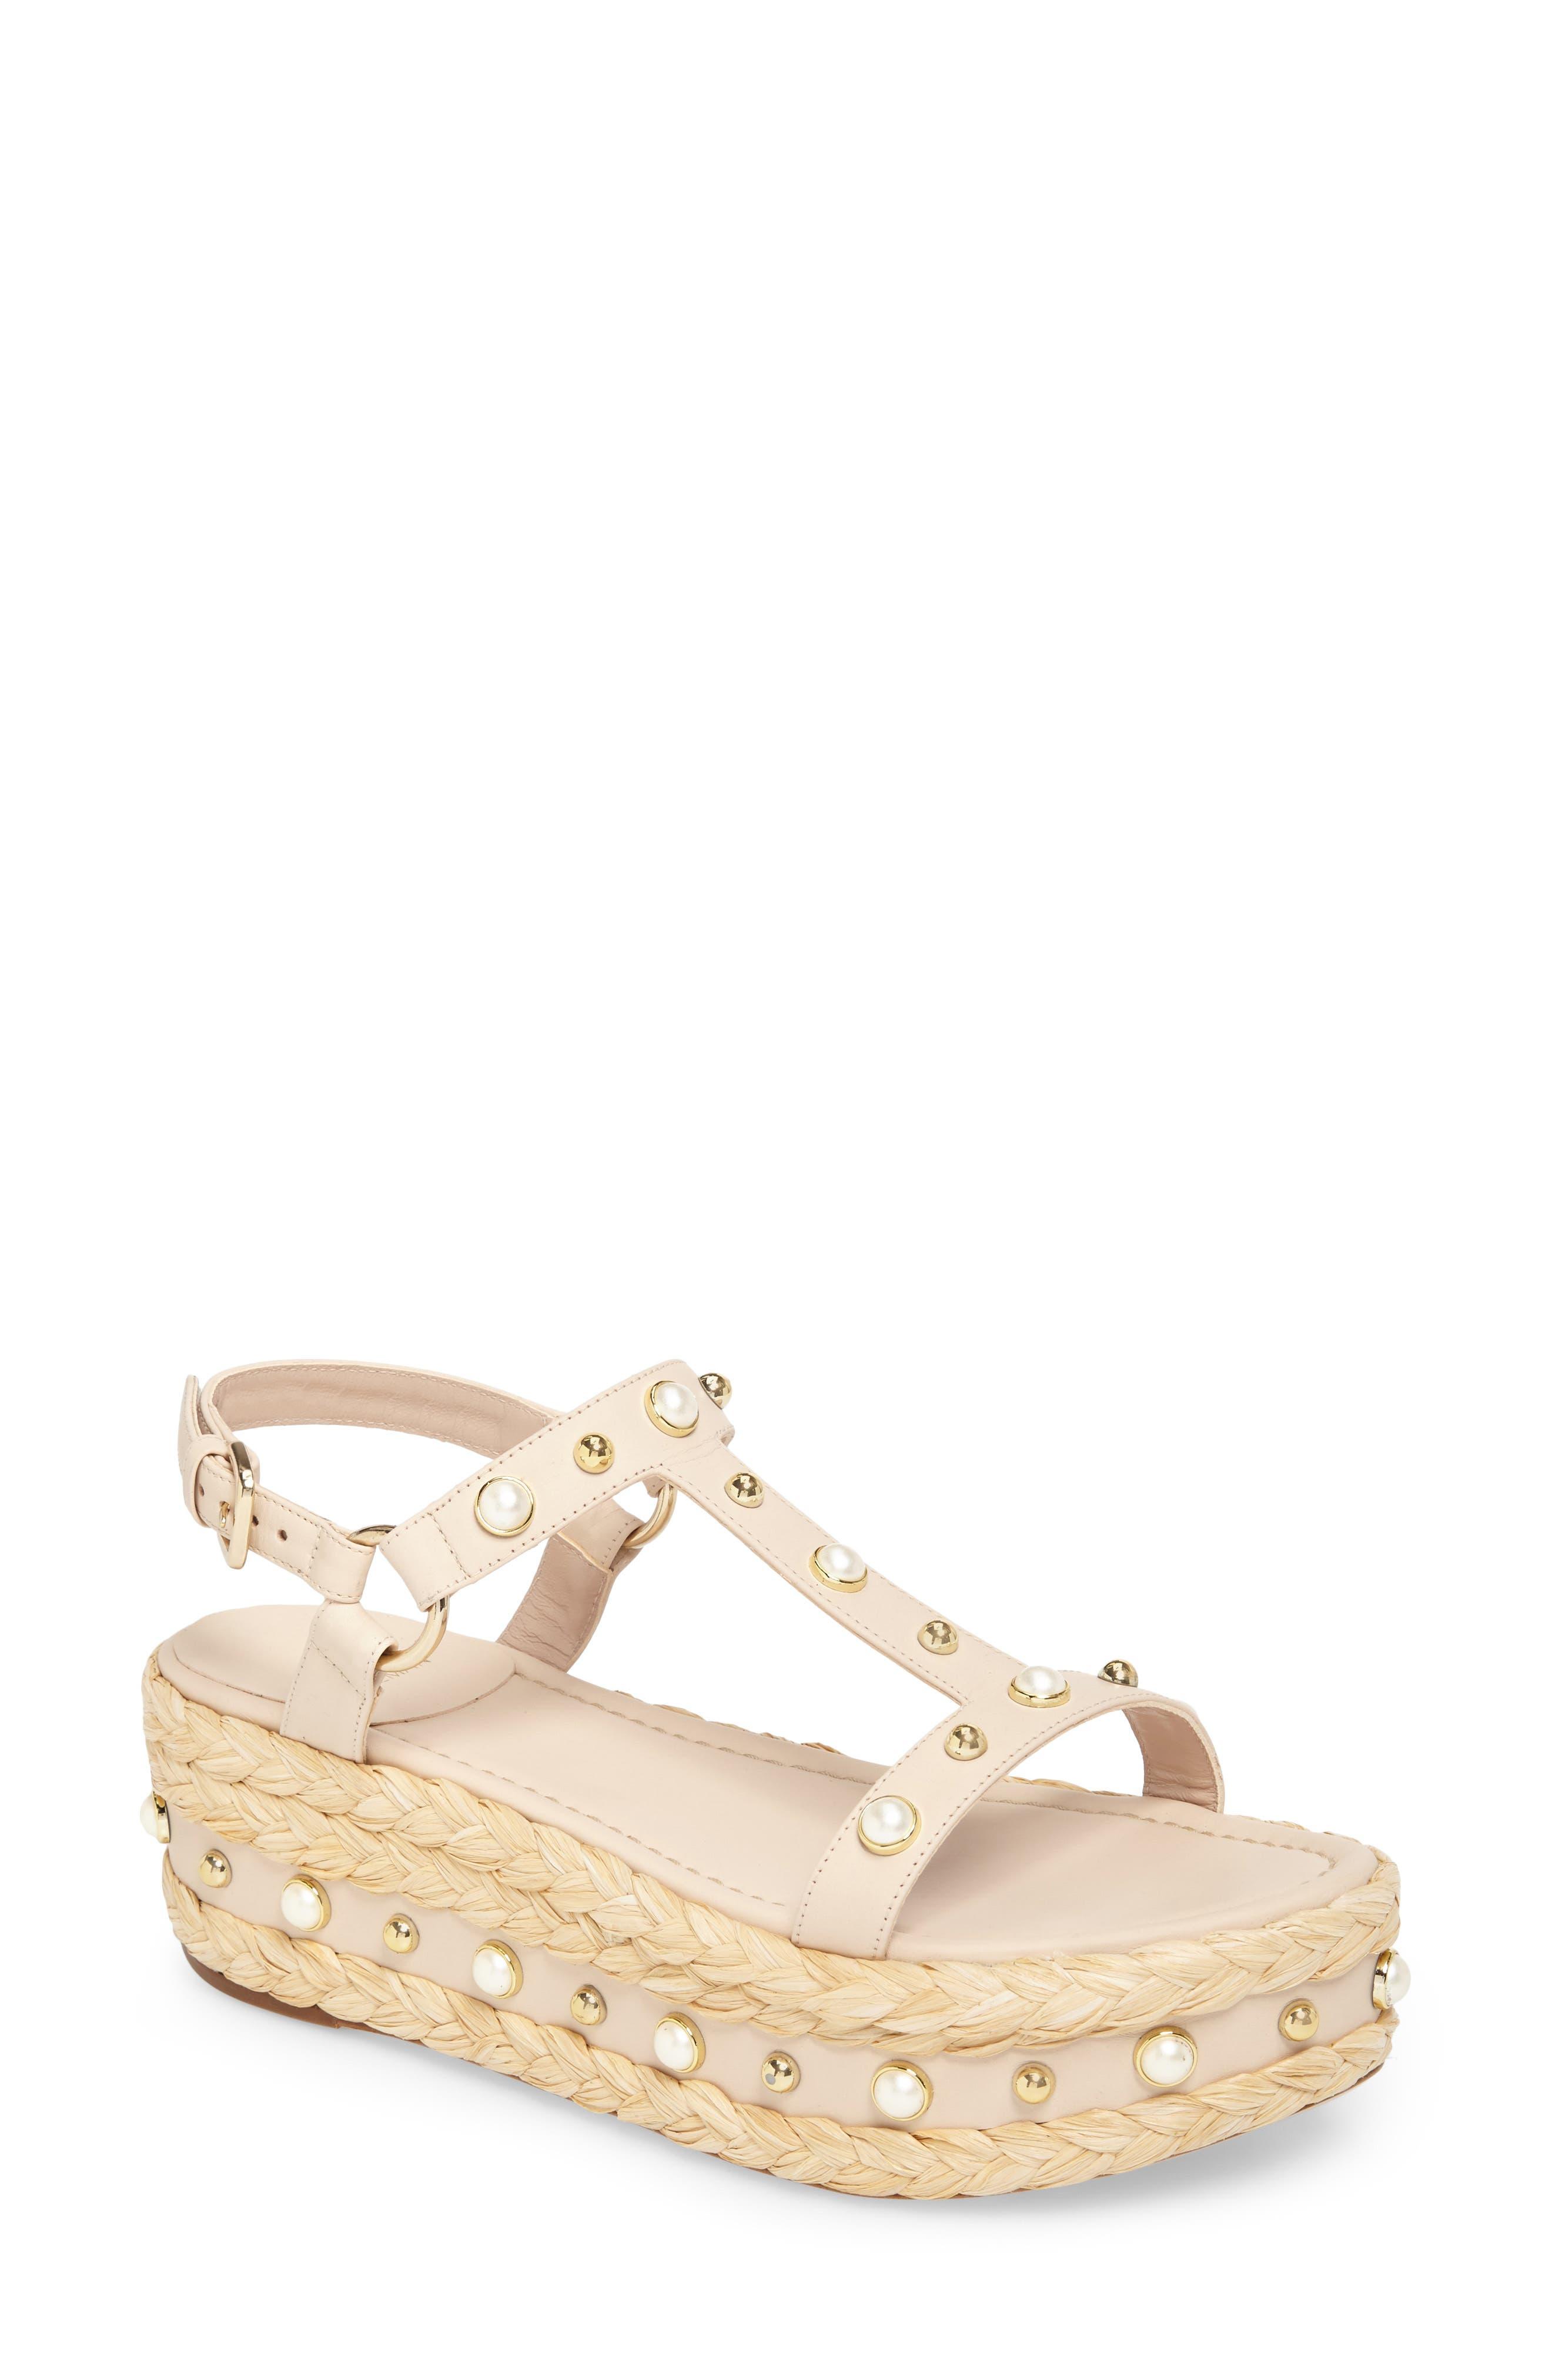 Main Image - Stuart Weitzman Beraffia Platform Sandal (Women)